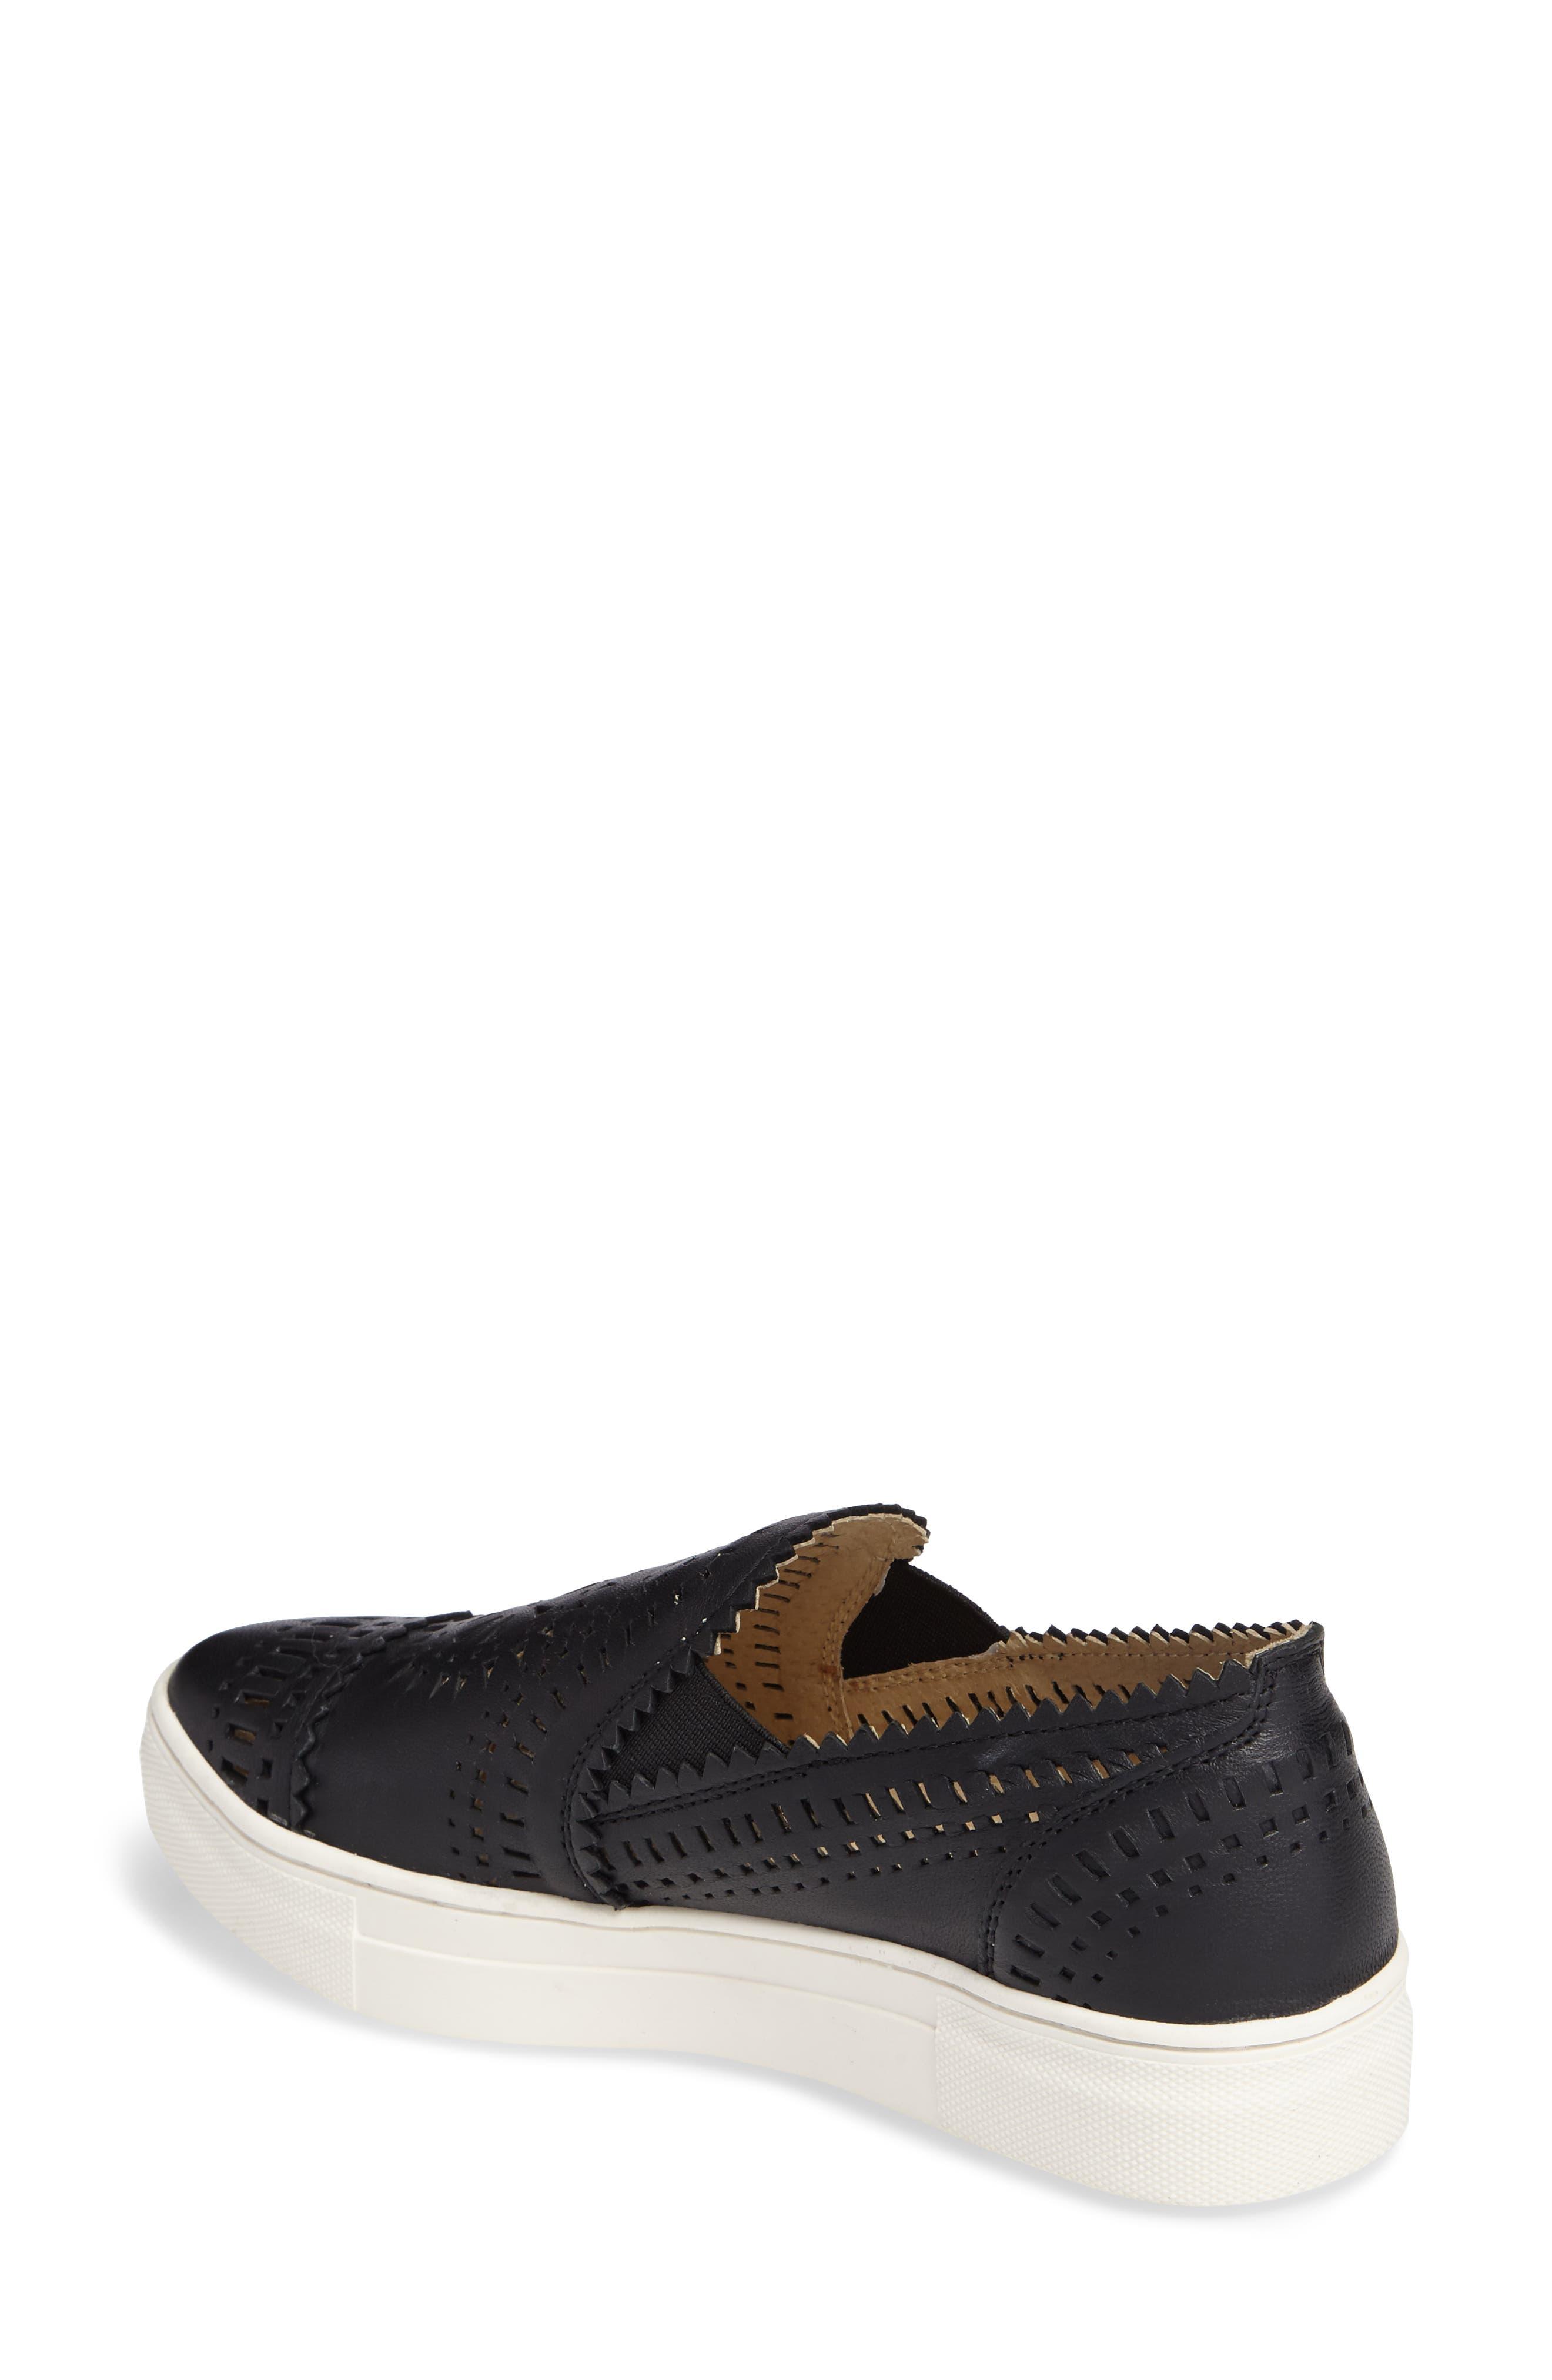 So Nice Slip-On Sneaker,                             Alternate thumbnail 2, color,                             001